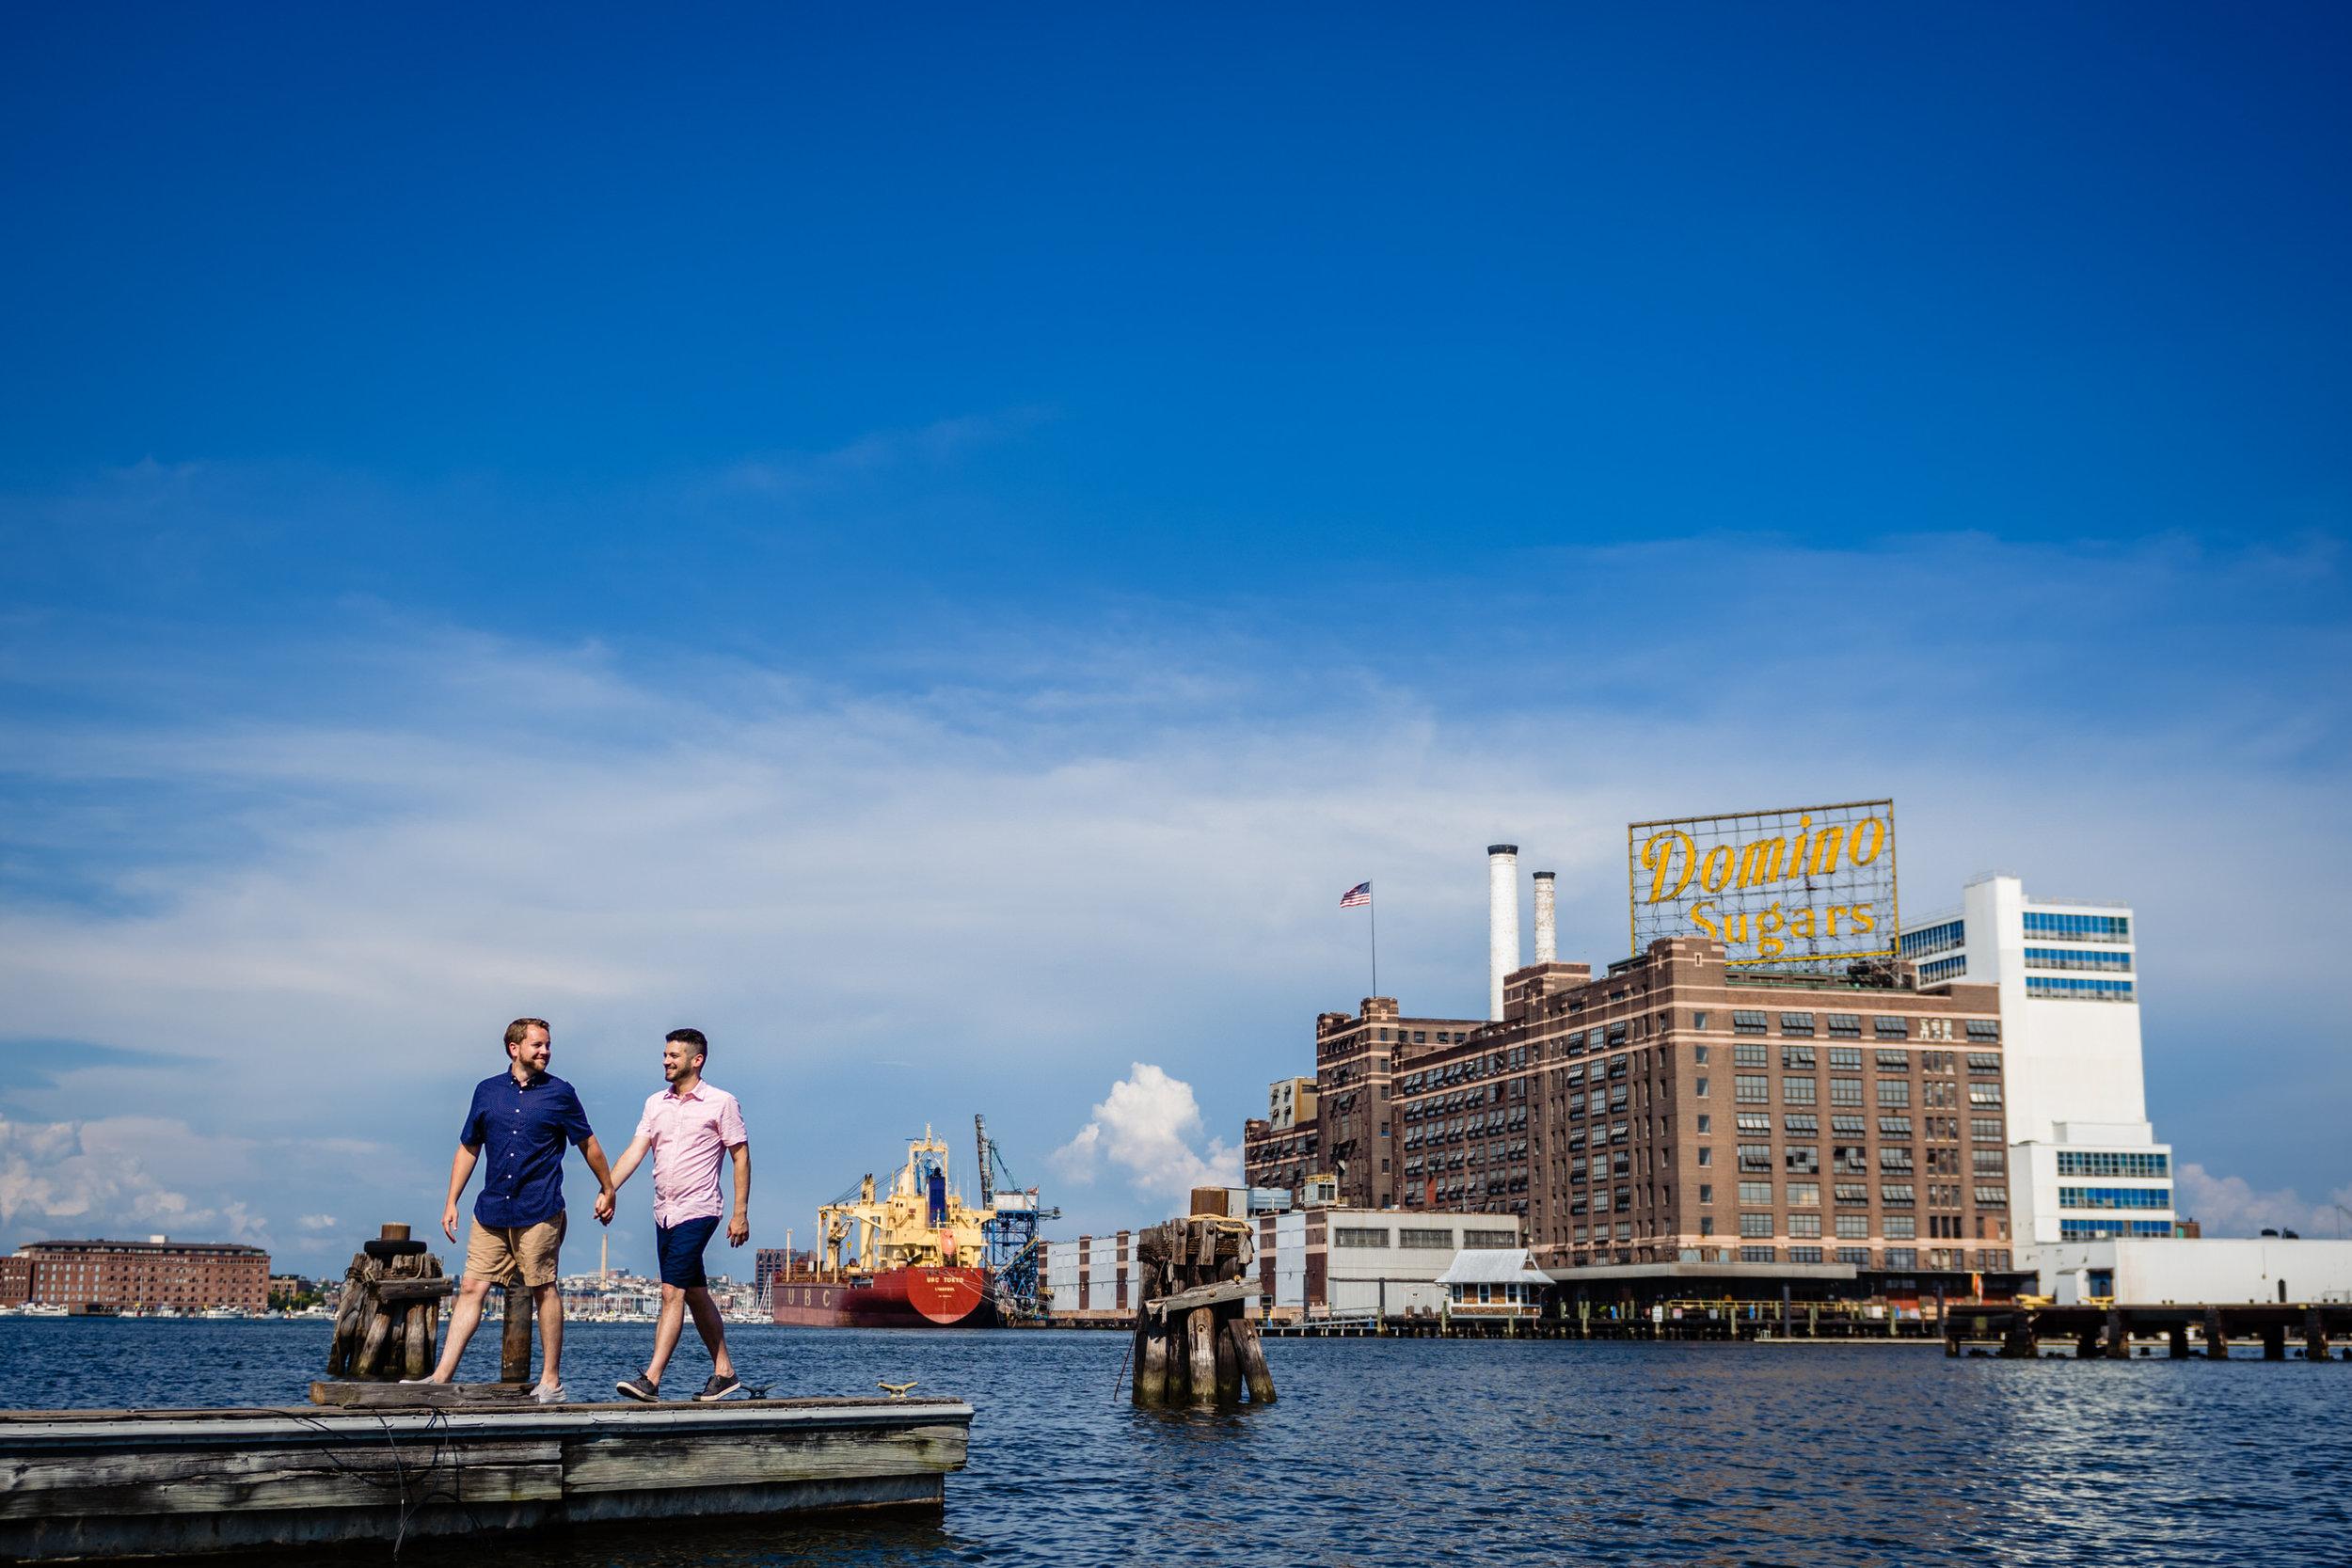 BaltimoreEngagementSession-Brian&Josh-14.jpg